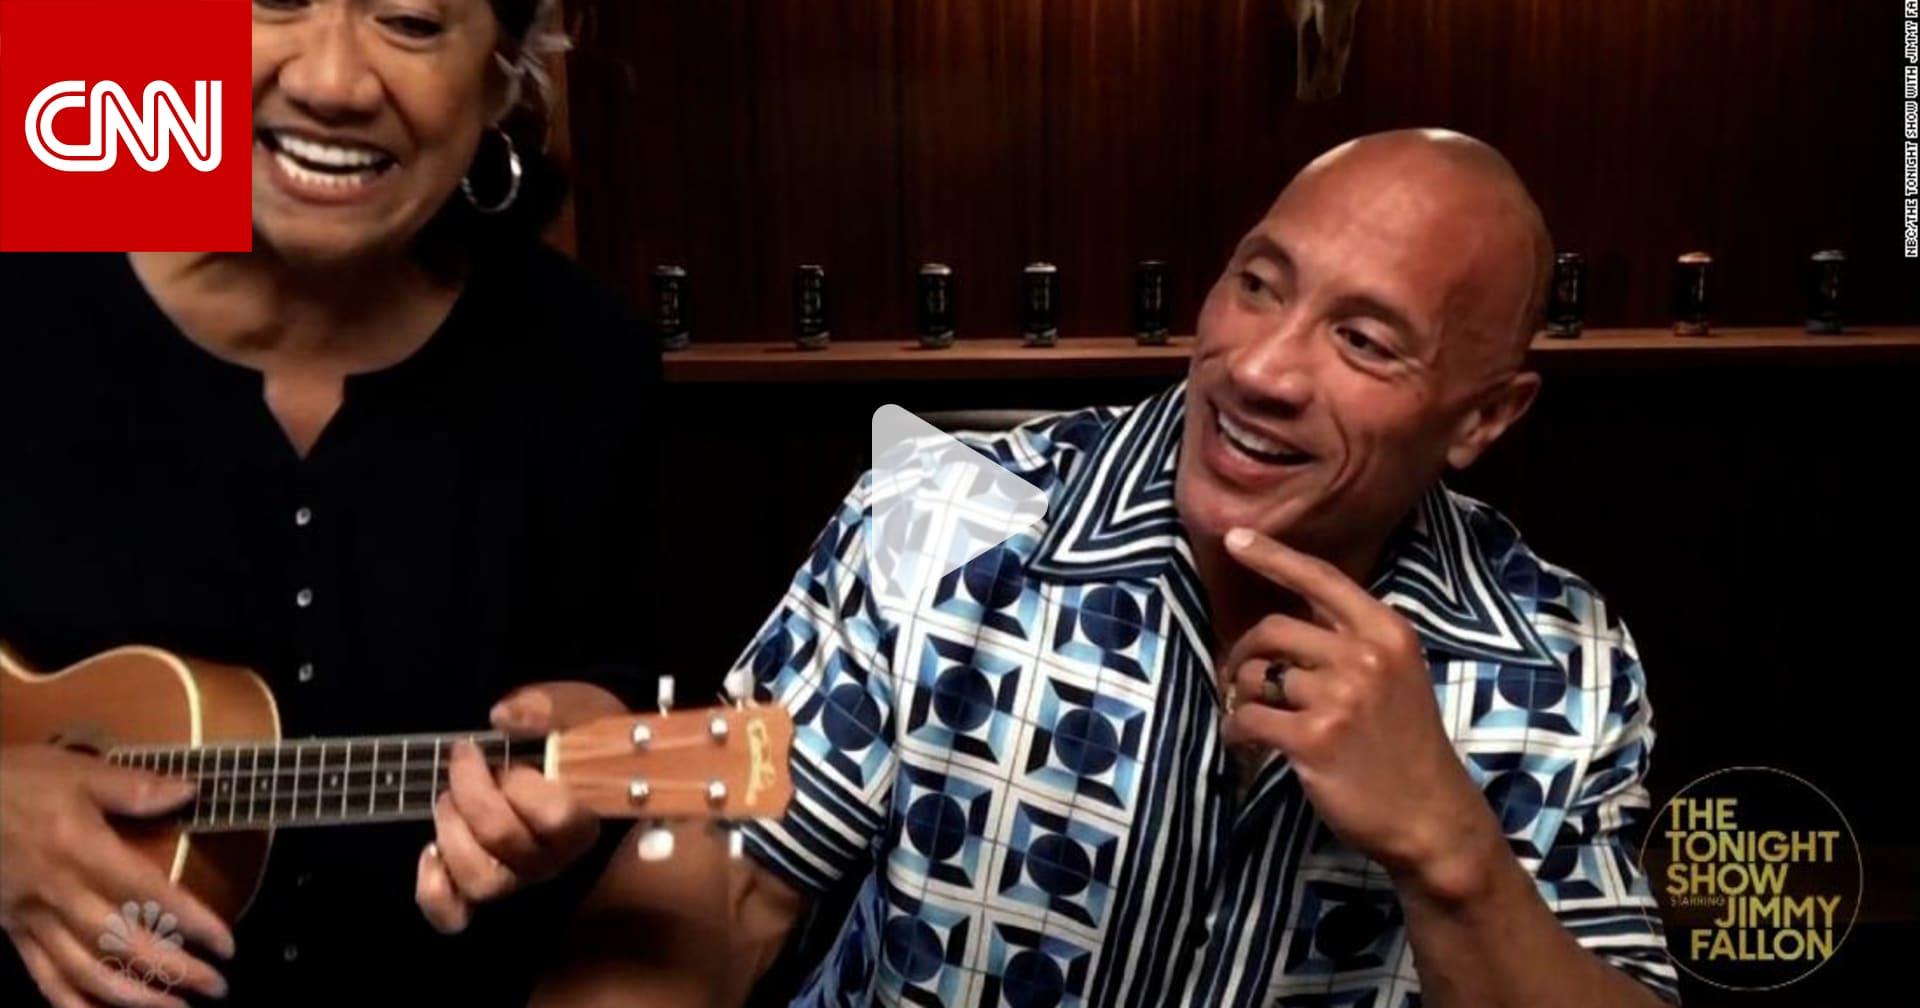 """قبله على رأس المصارع """"ذا روك"""" الأصلع على الهواء.. كيف سرقت والدته الأضواء منه؟"""